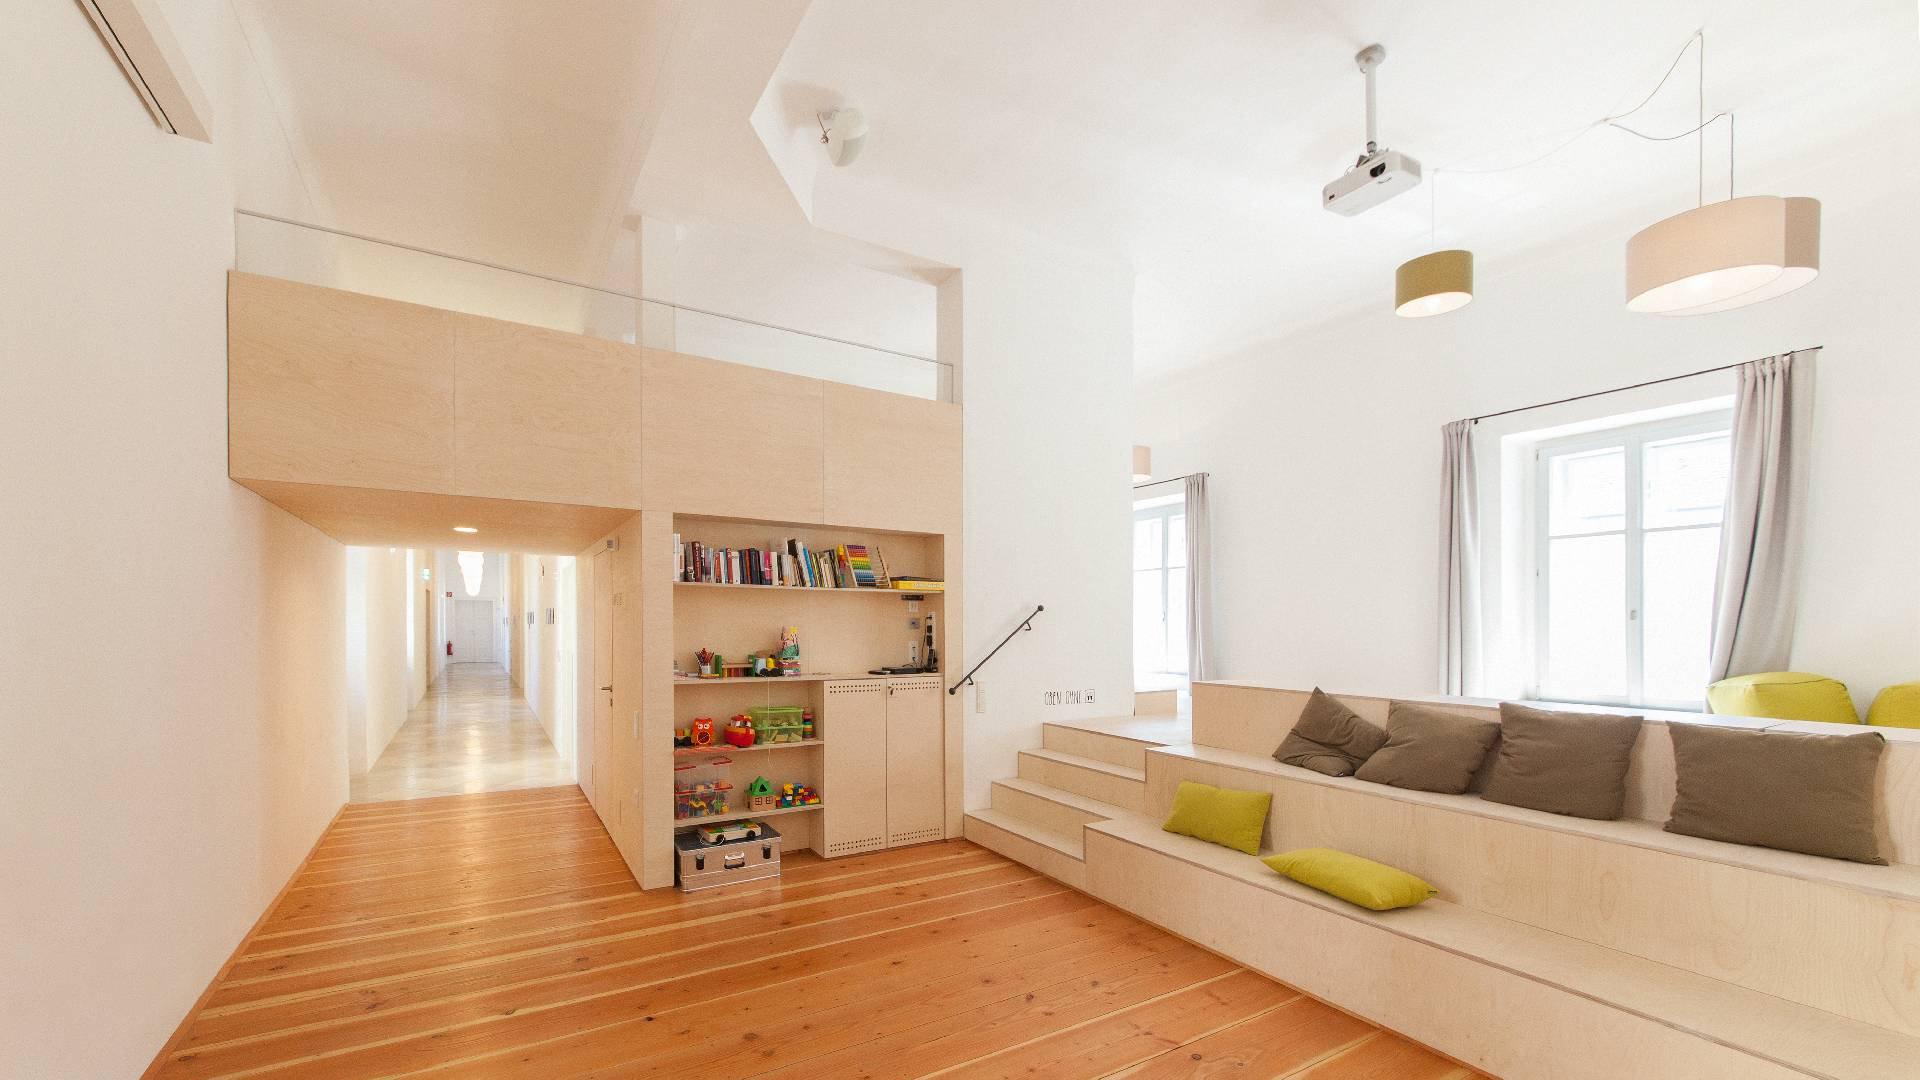 ©Romana Fürnkranz / Gemeinschaftsräume mit Sitzstufen und Bücherwand